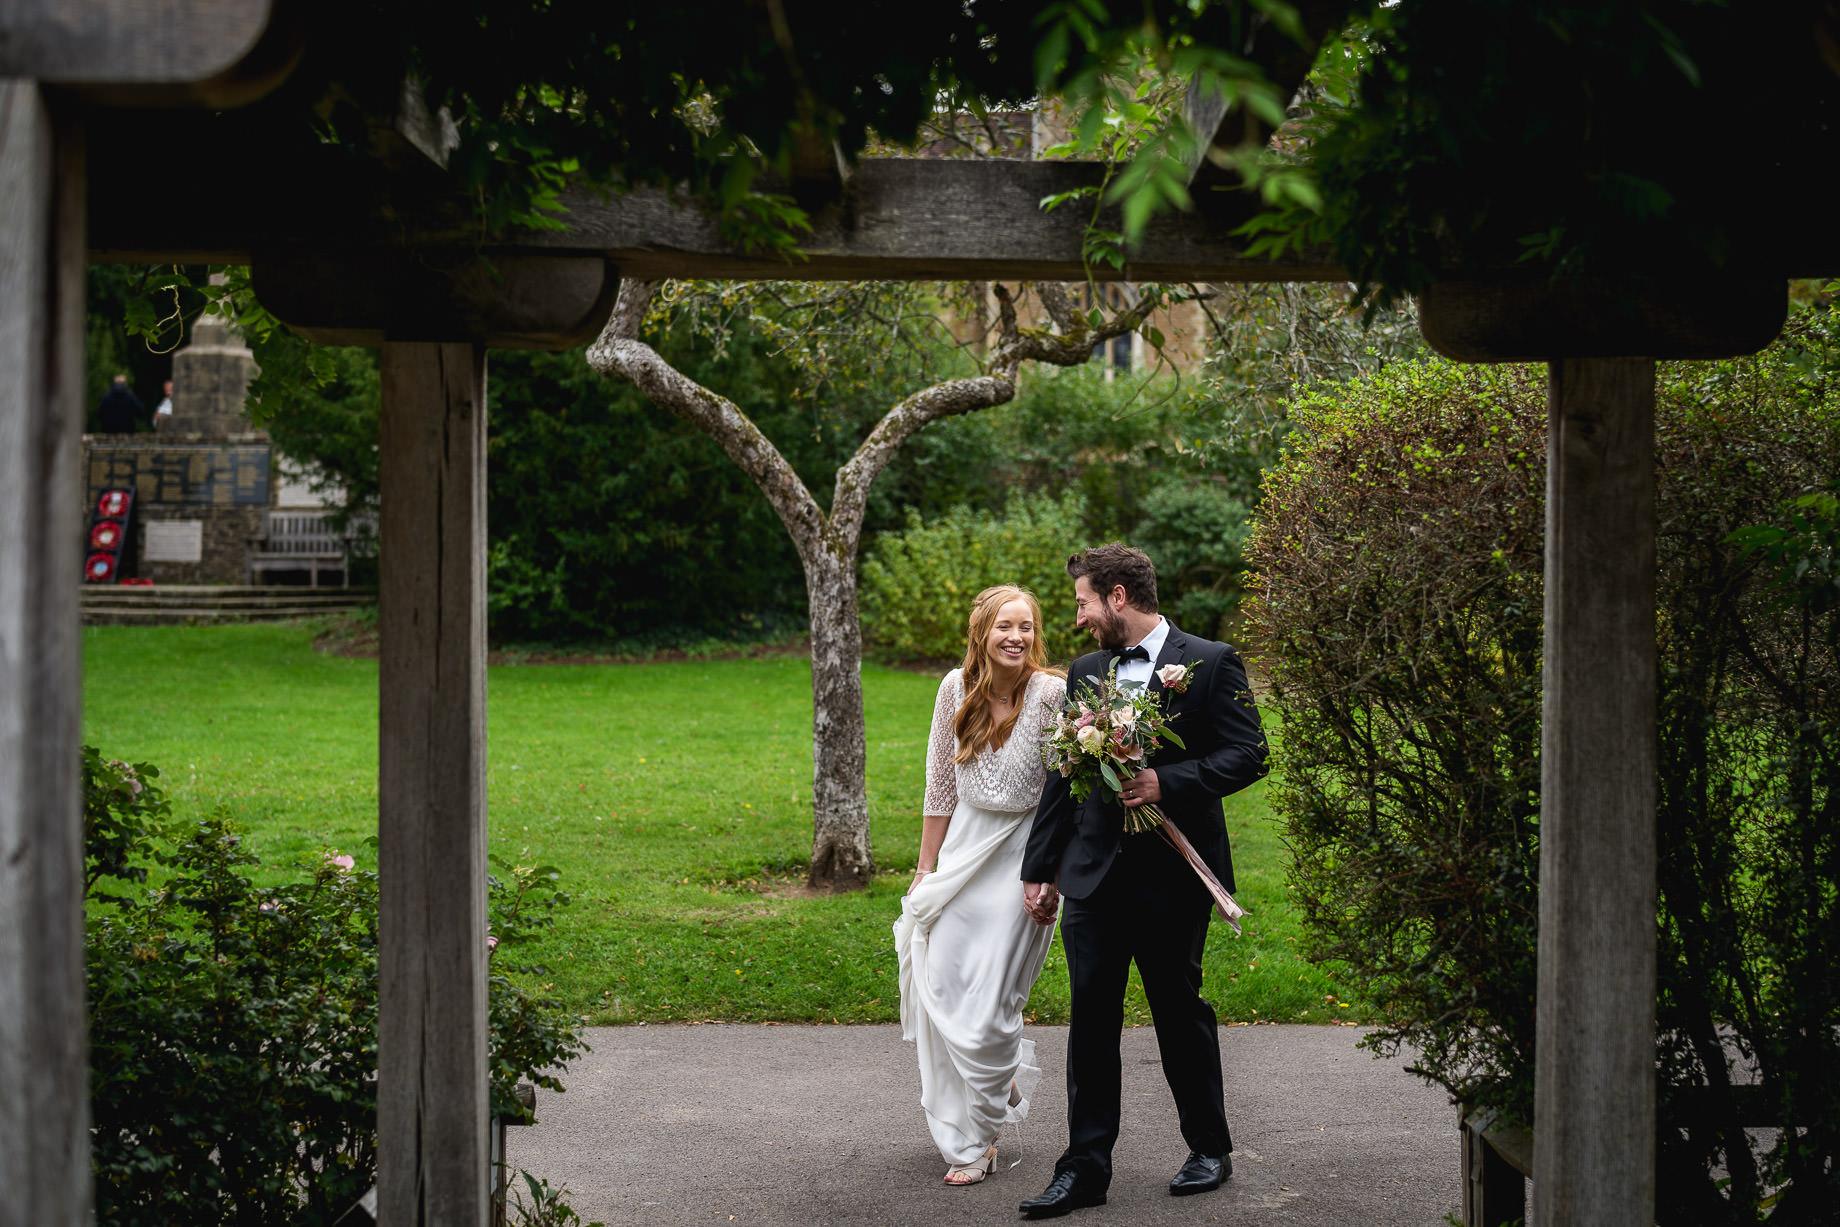 Micro wedding photography in Surrey - Rachel + Matt